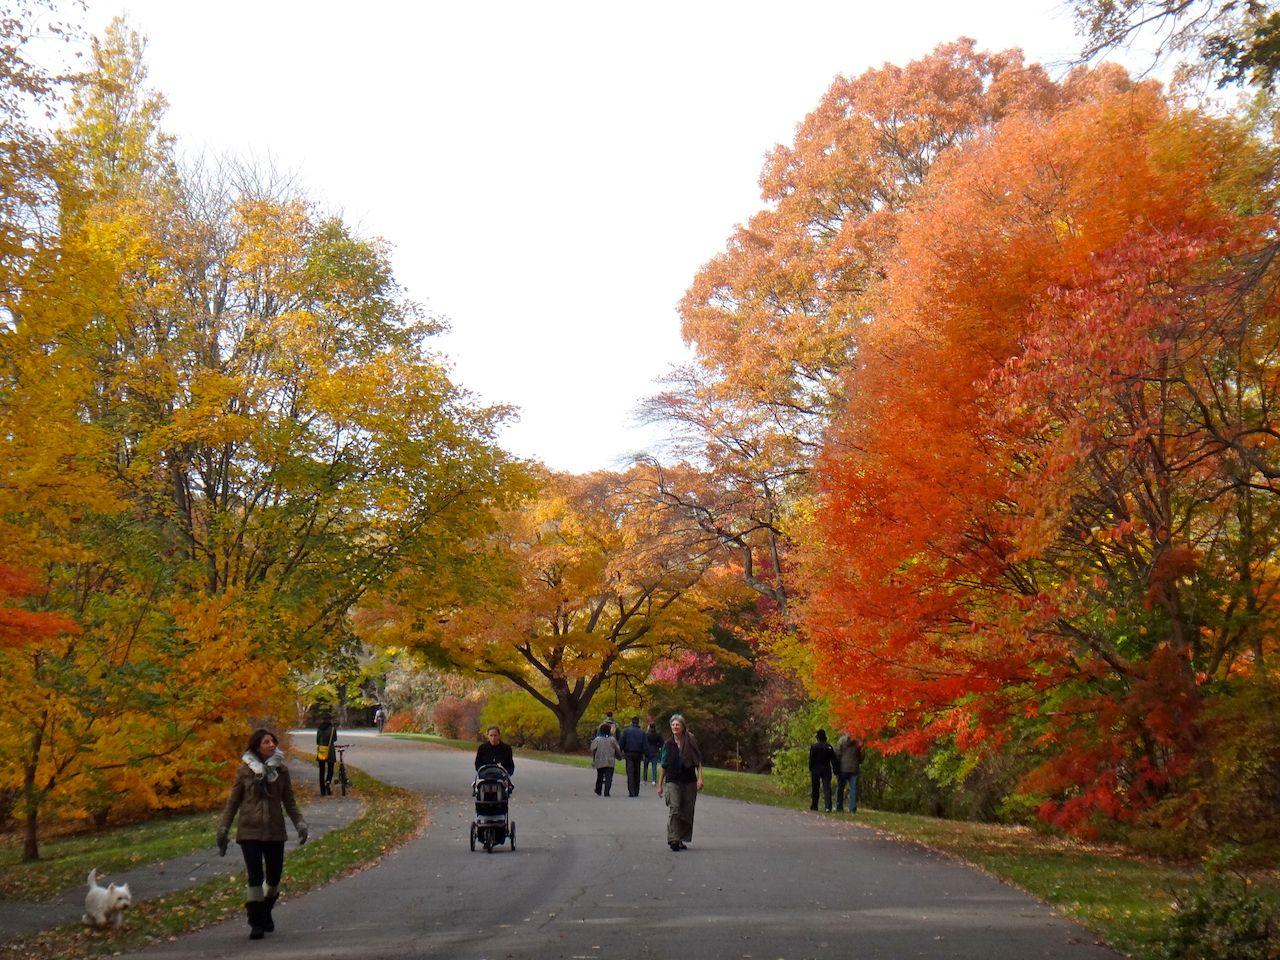 Fall foliage at Arnold Arboretum in Jamaica Plain